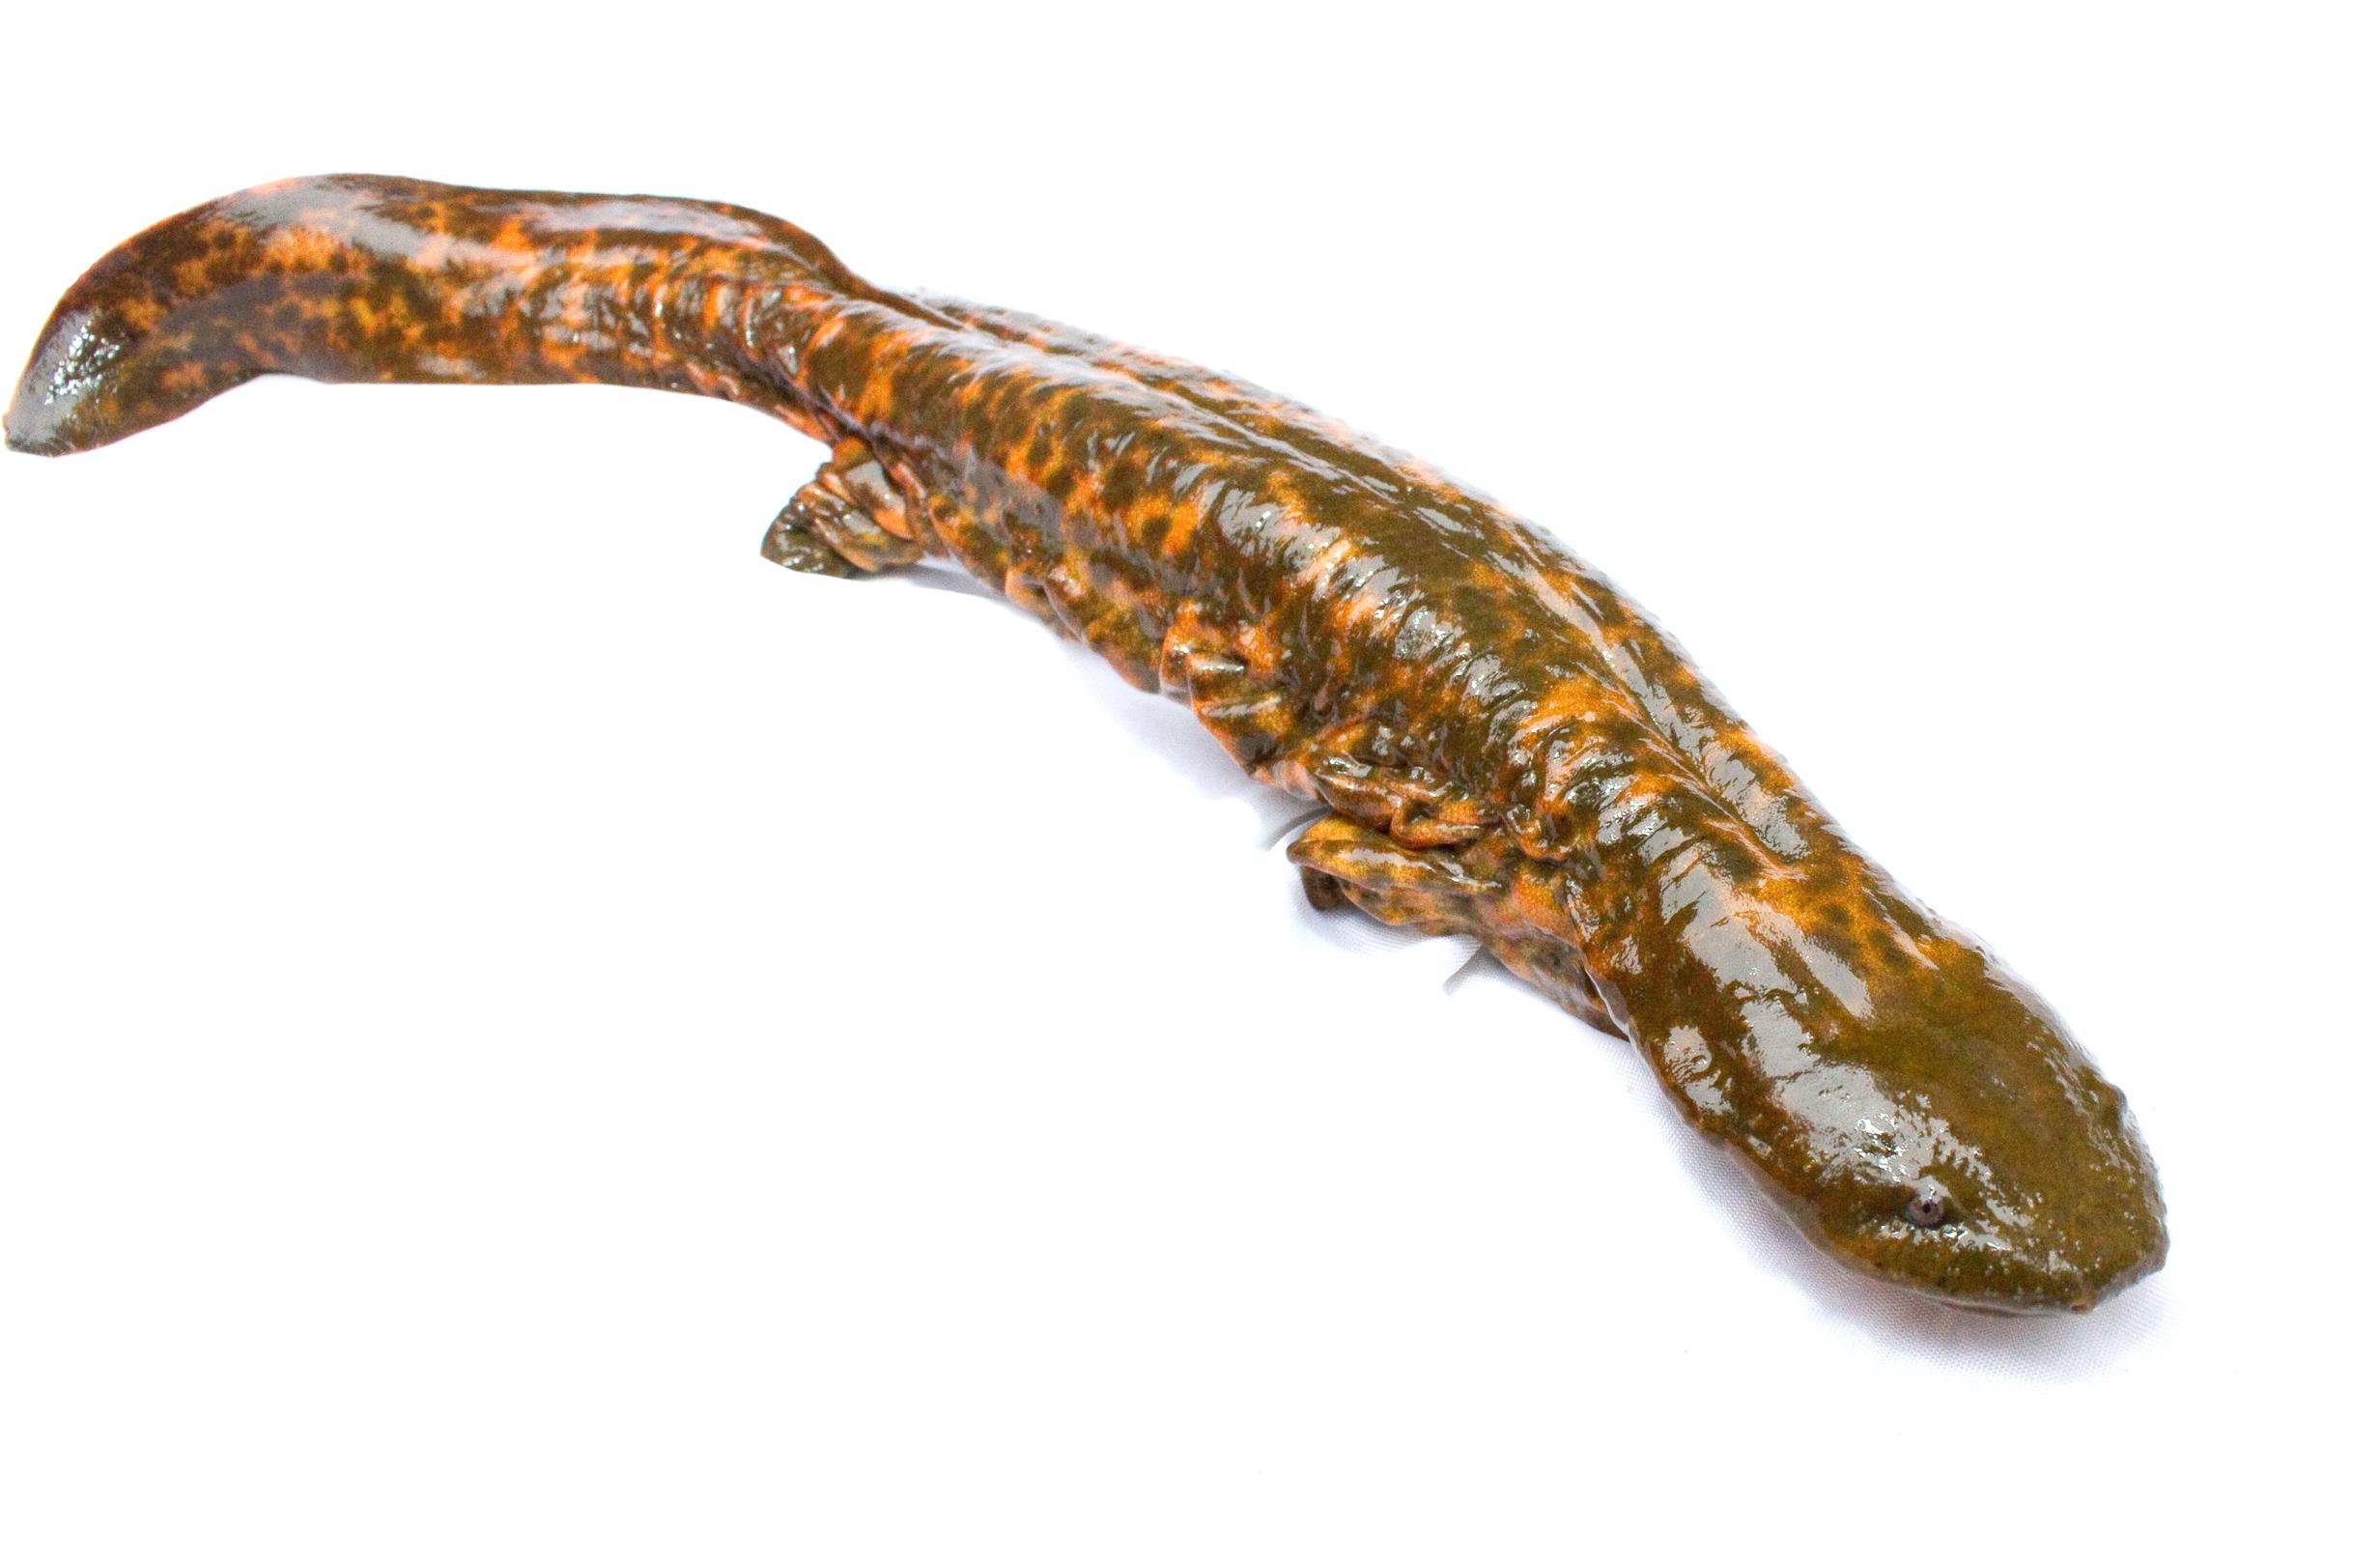 Image of Hellbender